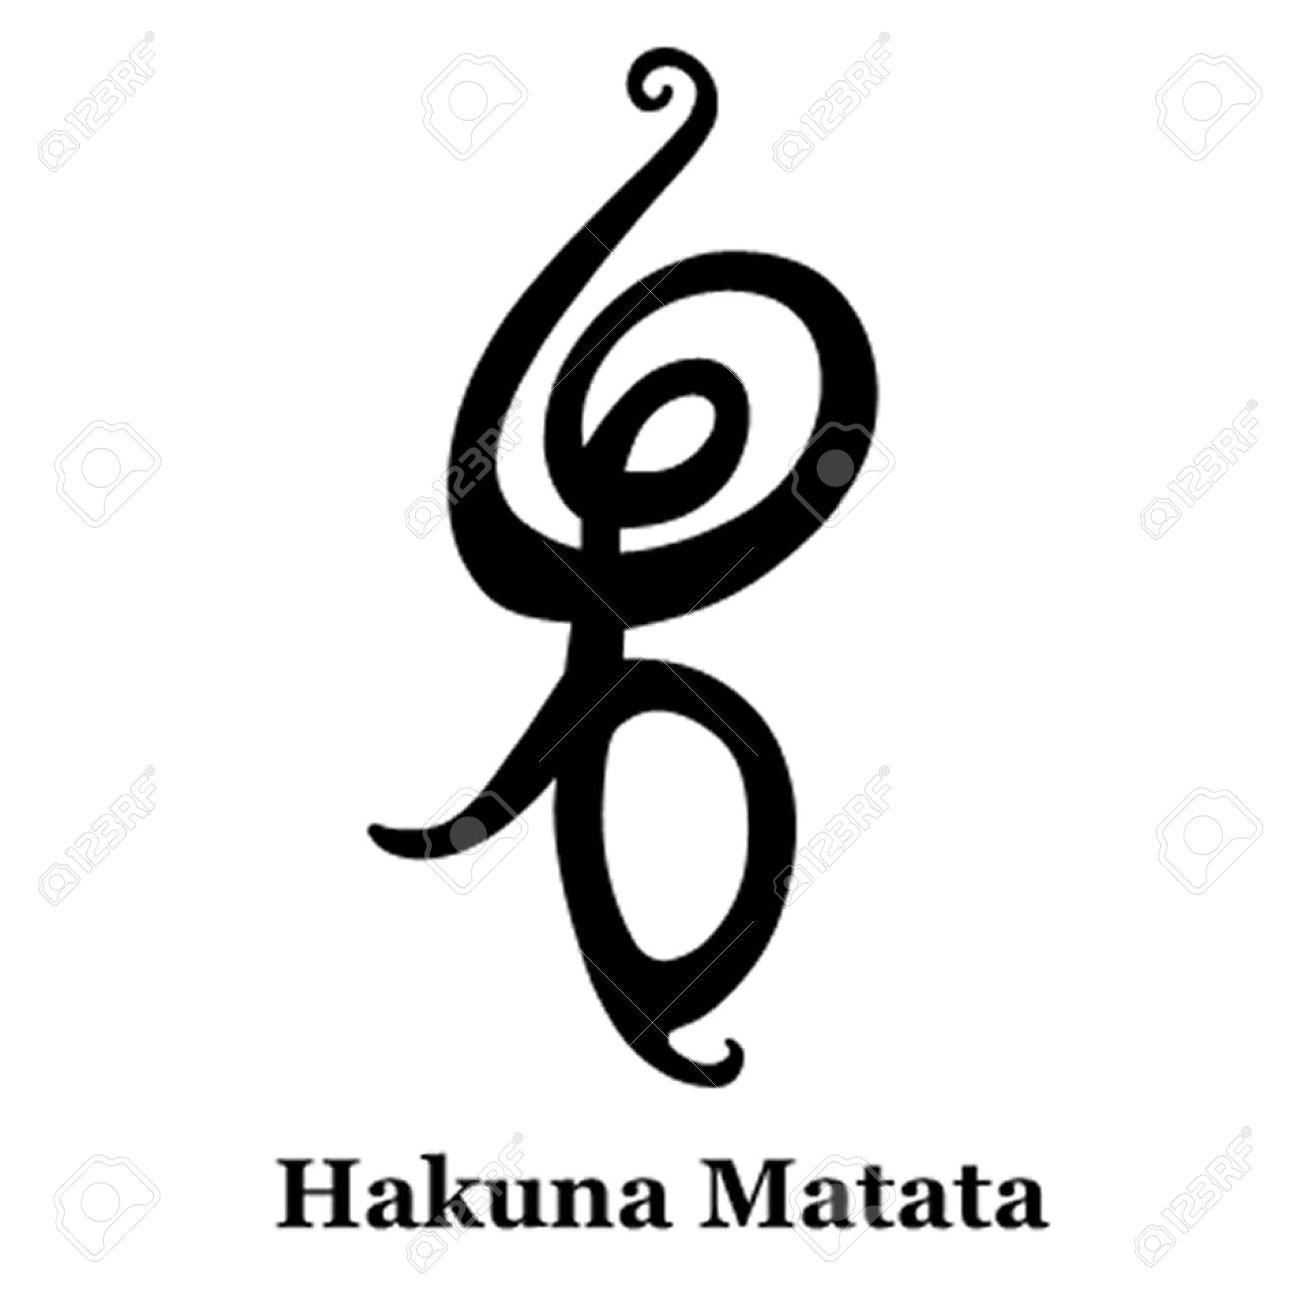 Hakuna Matata African Symbol Royalty Free Cliparts Vectors And